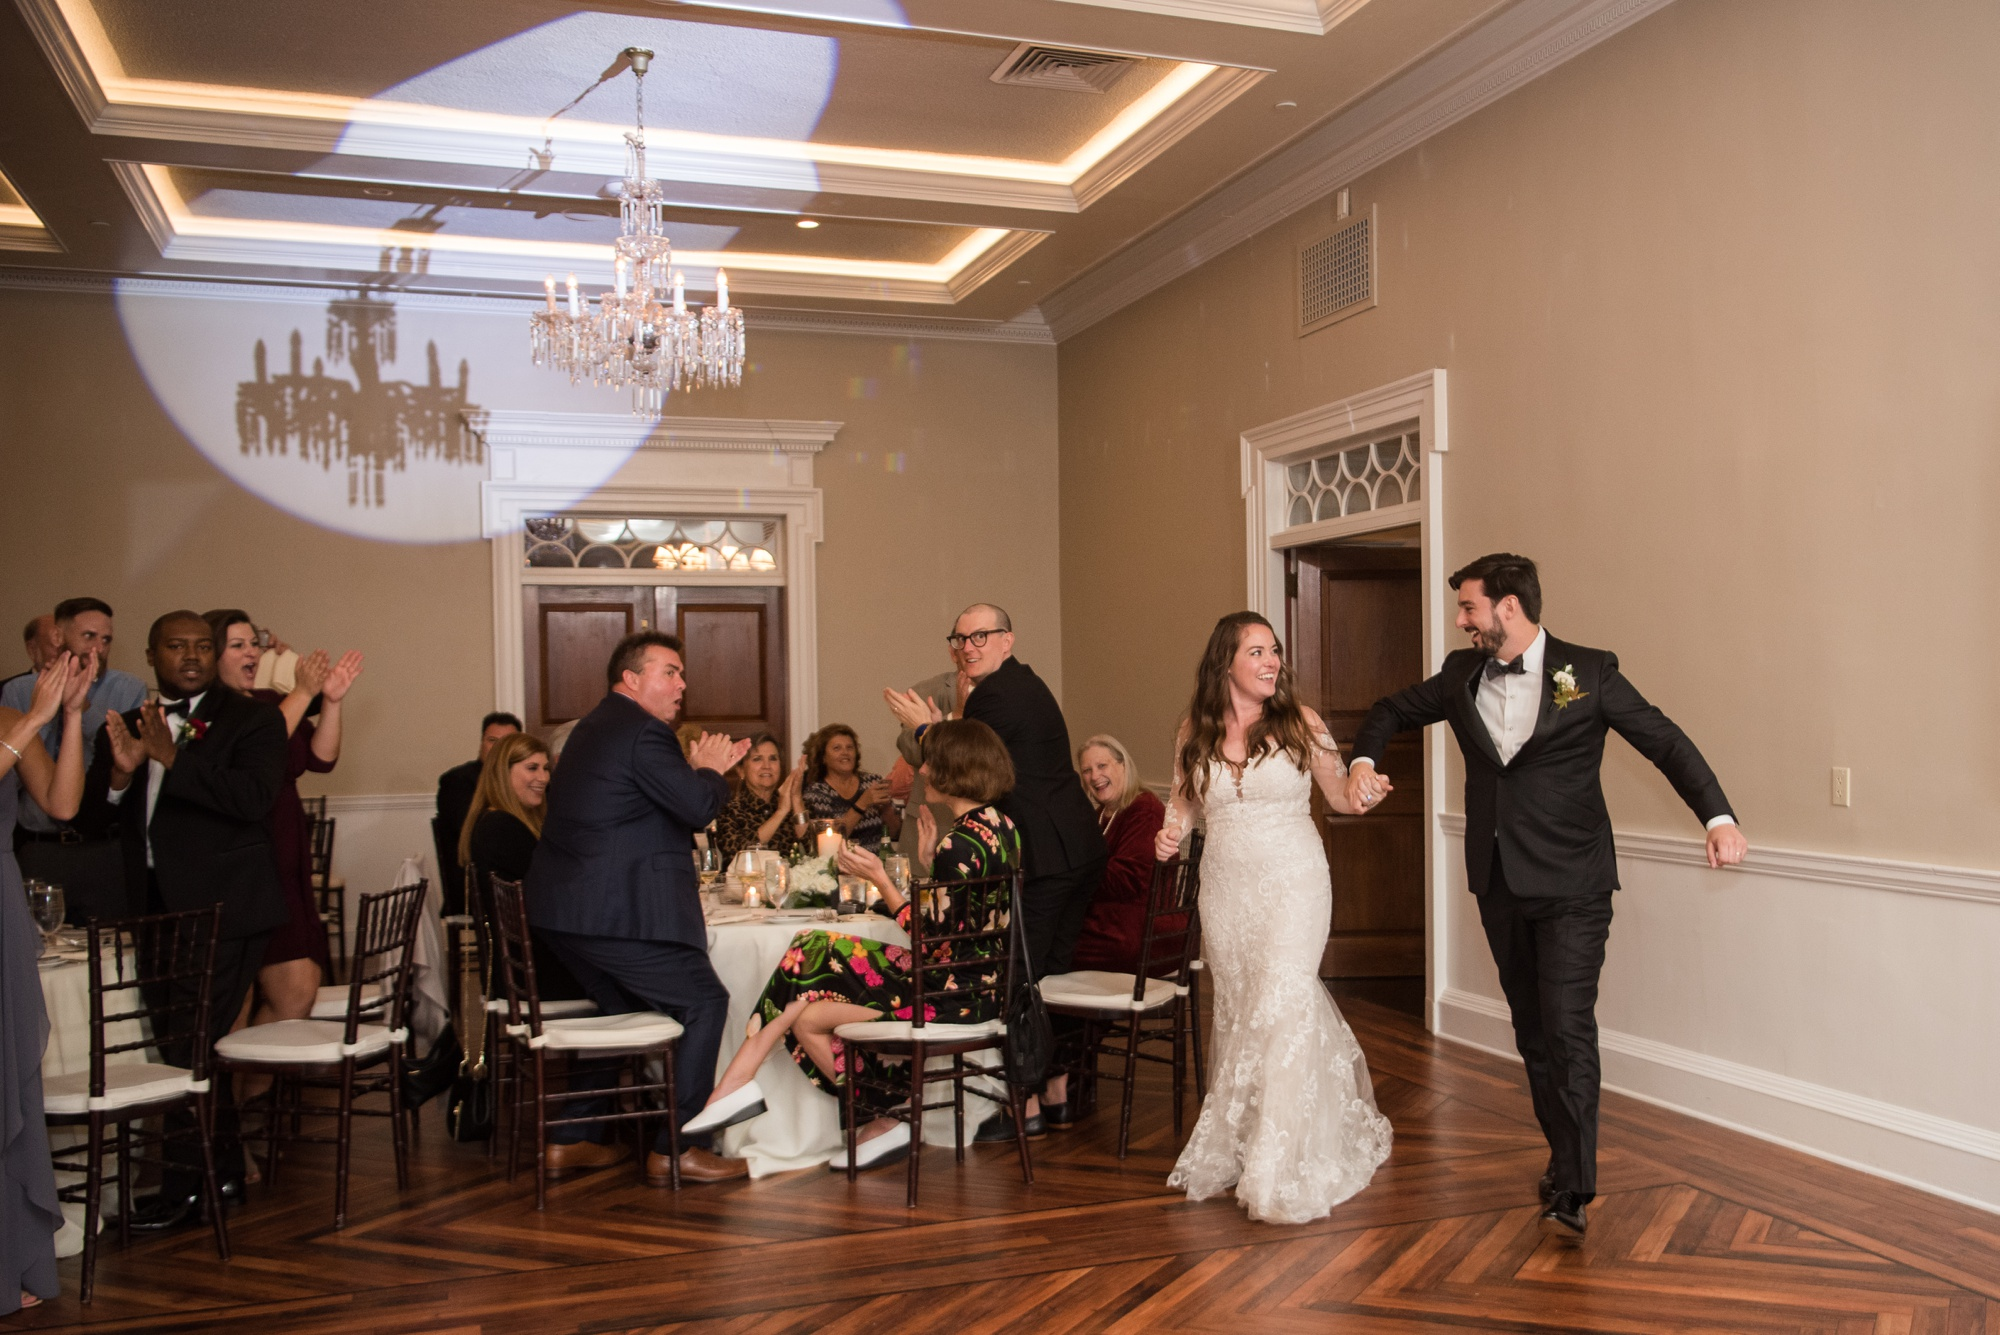 Tidewater Inn wedding introductions